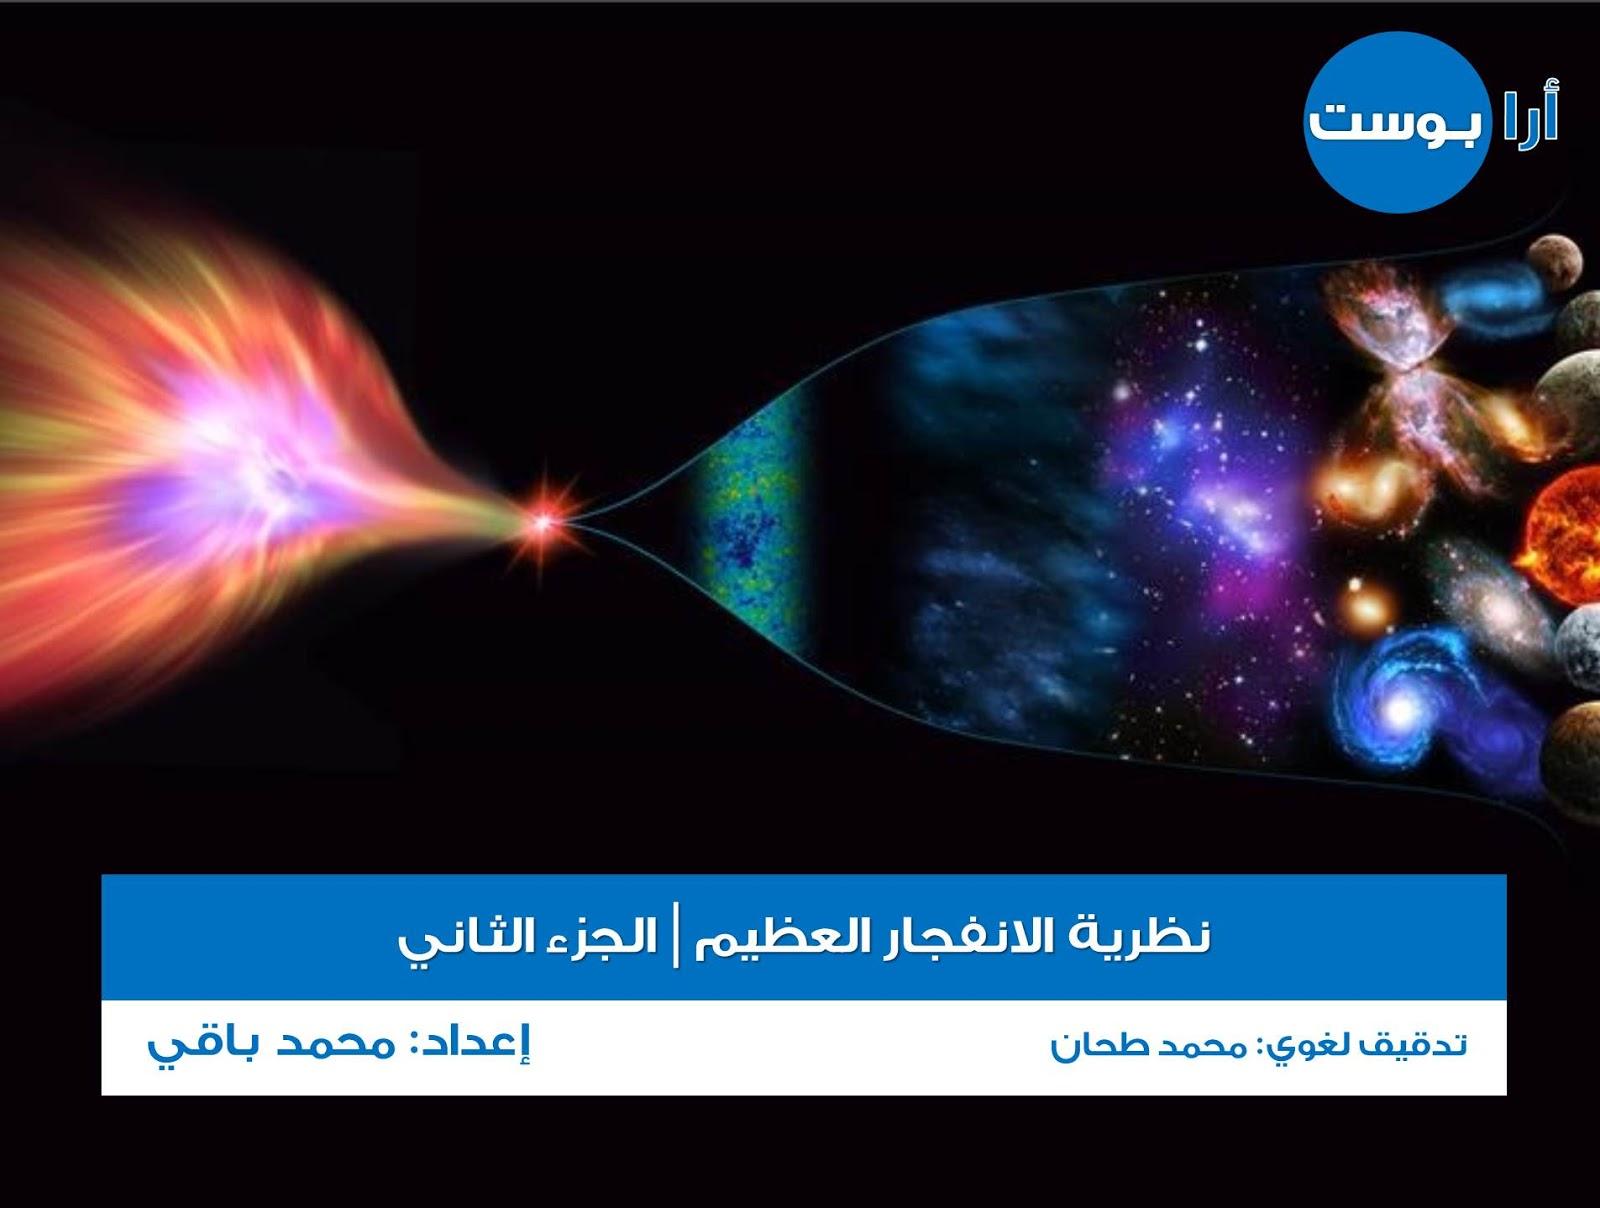 نظرية الانفجار العظيم | الجزء الثاني